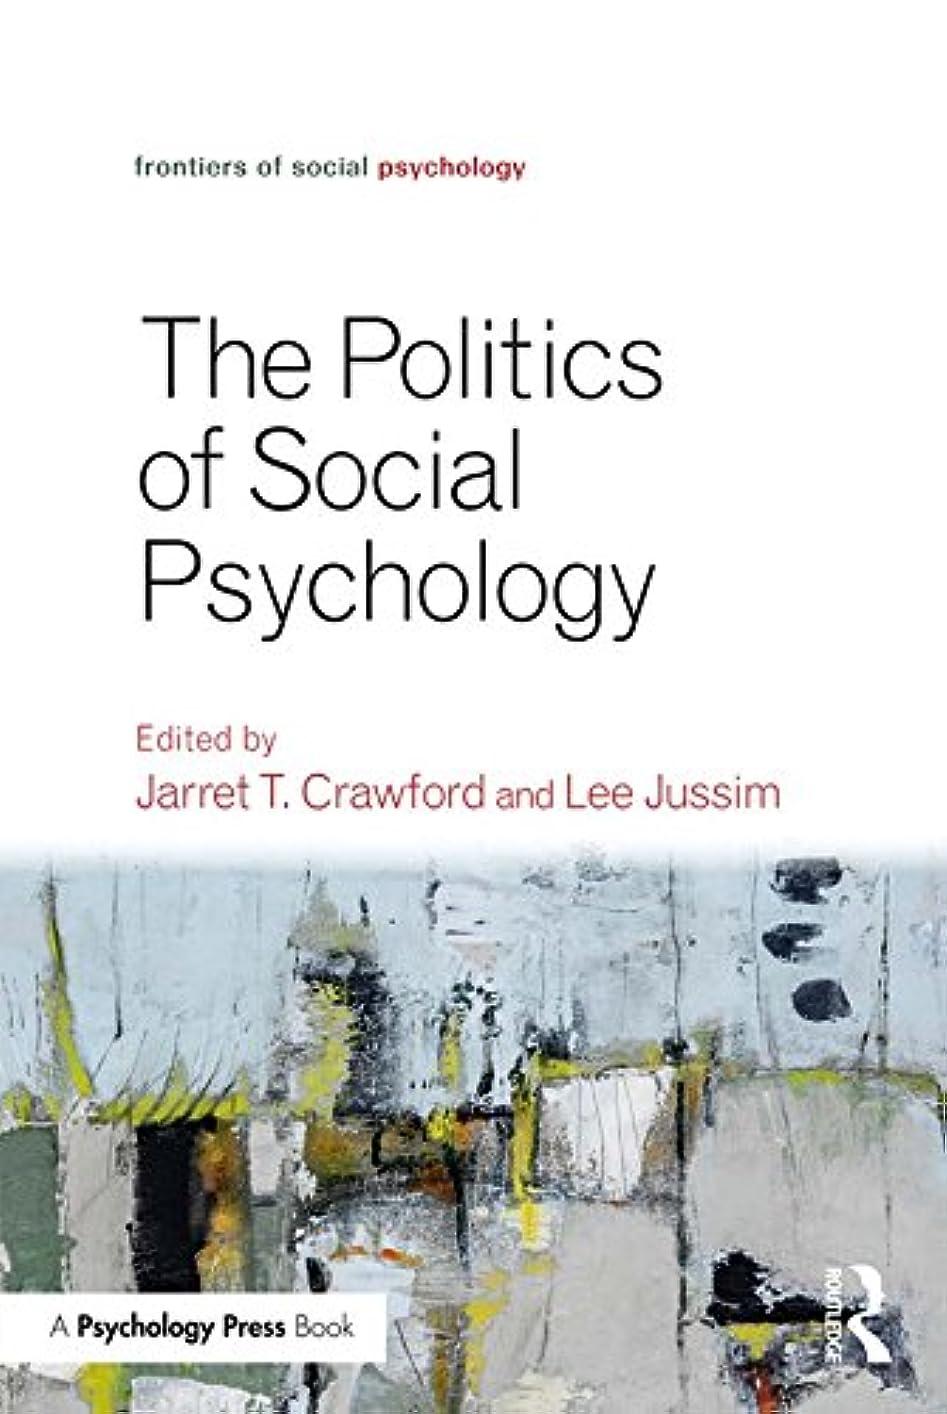 酸度機密置くためにパックPolitics of Social Psychology (Frontiers of Social Psychology) (English Edition)